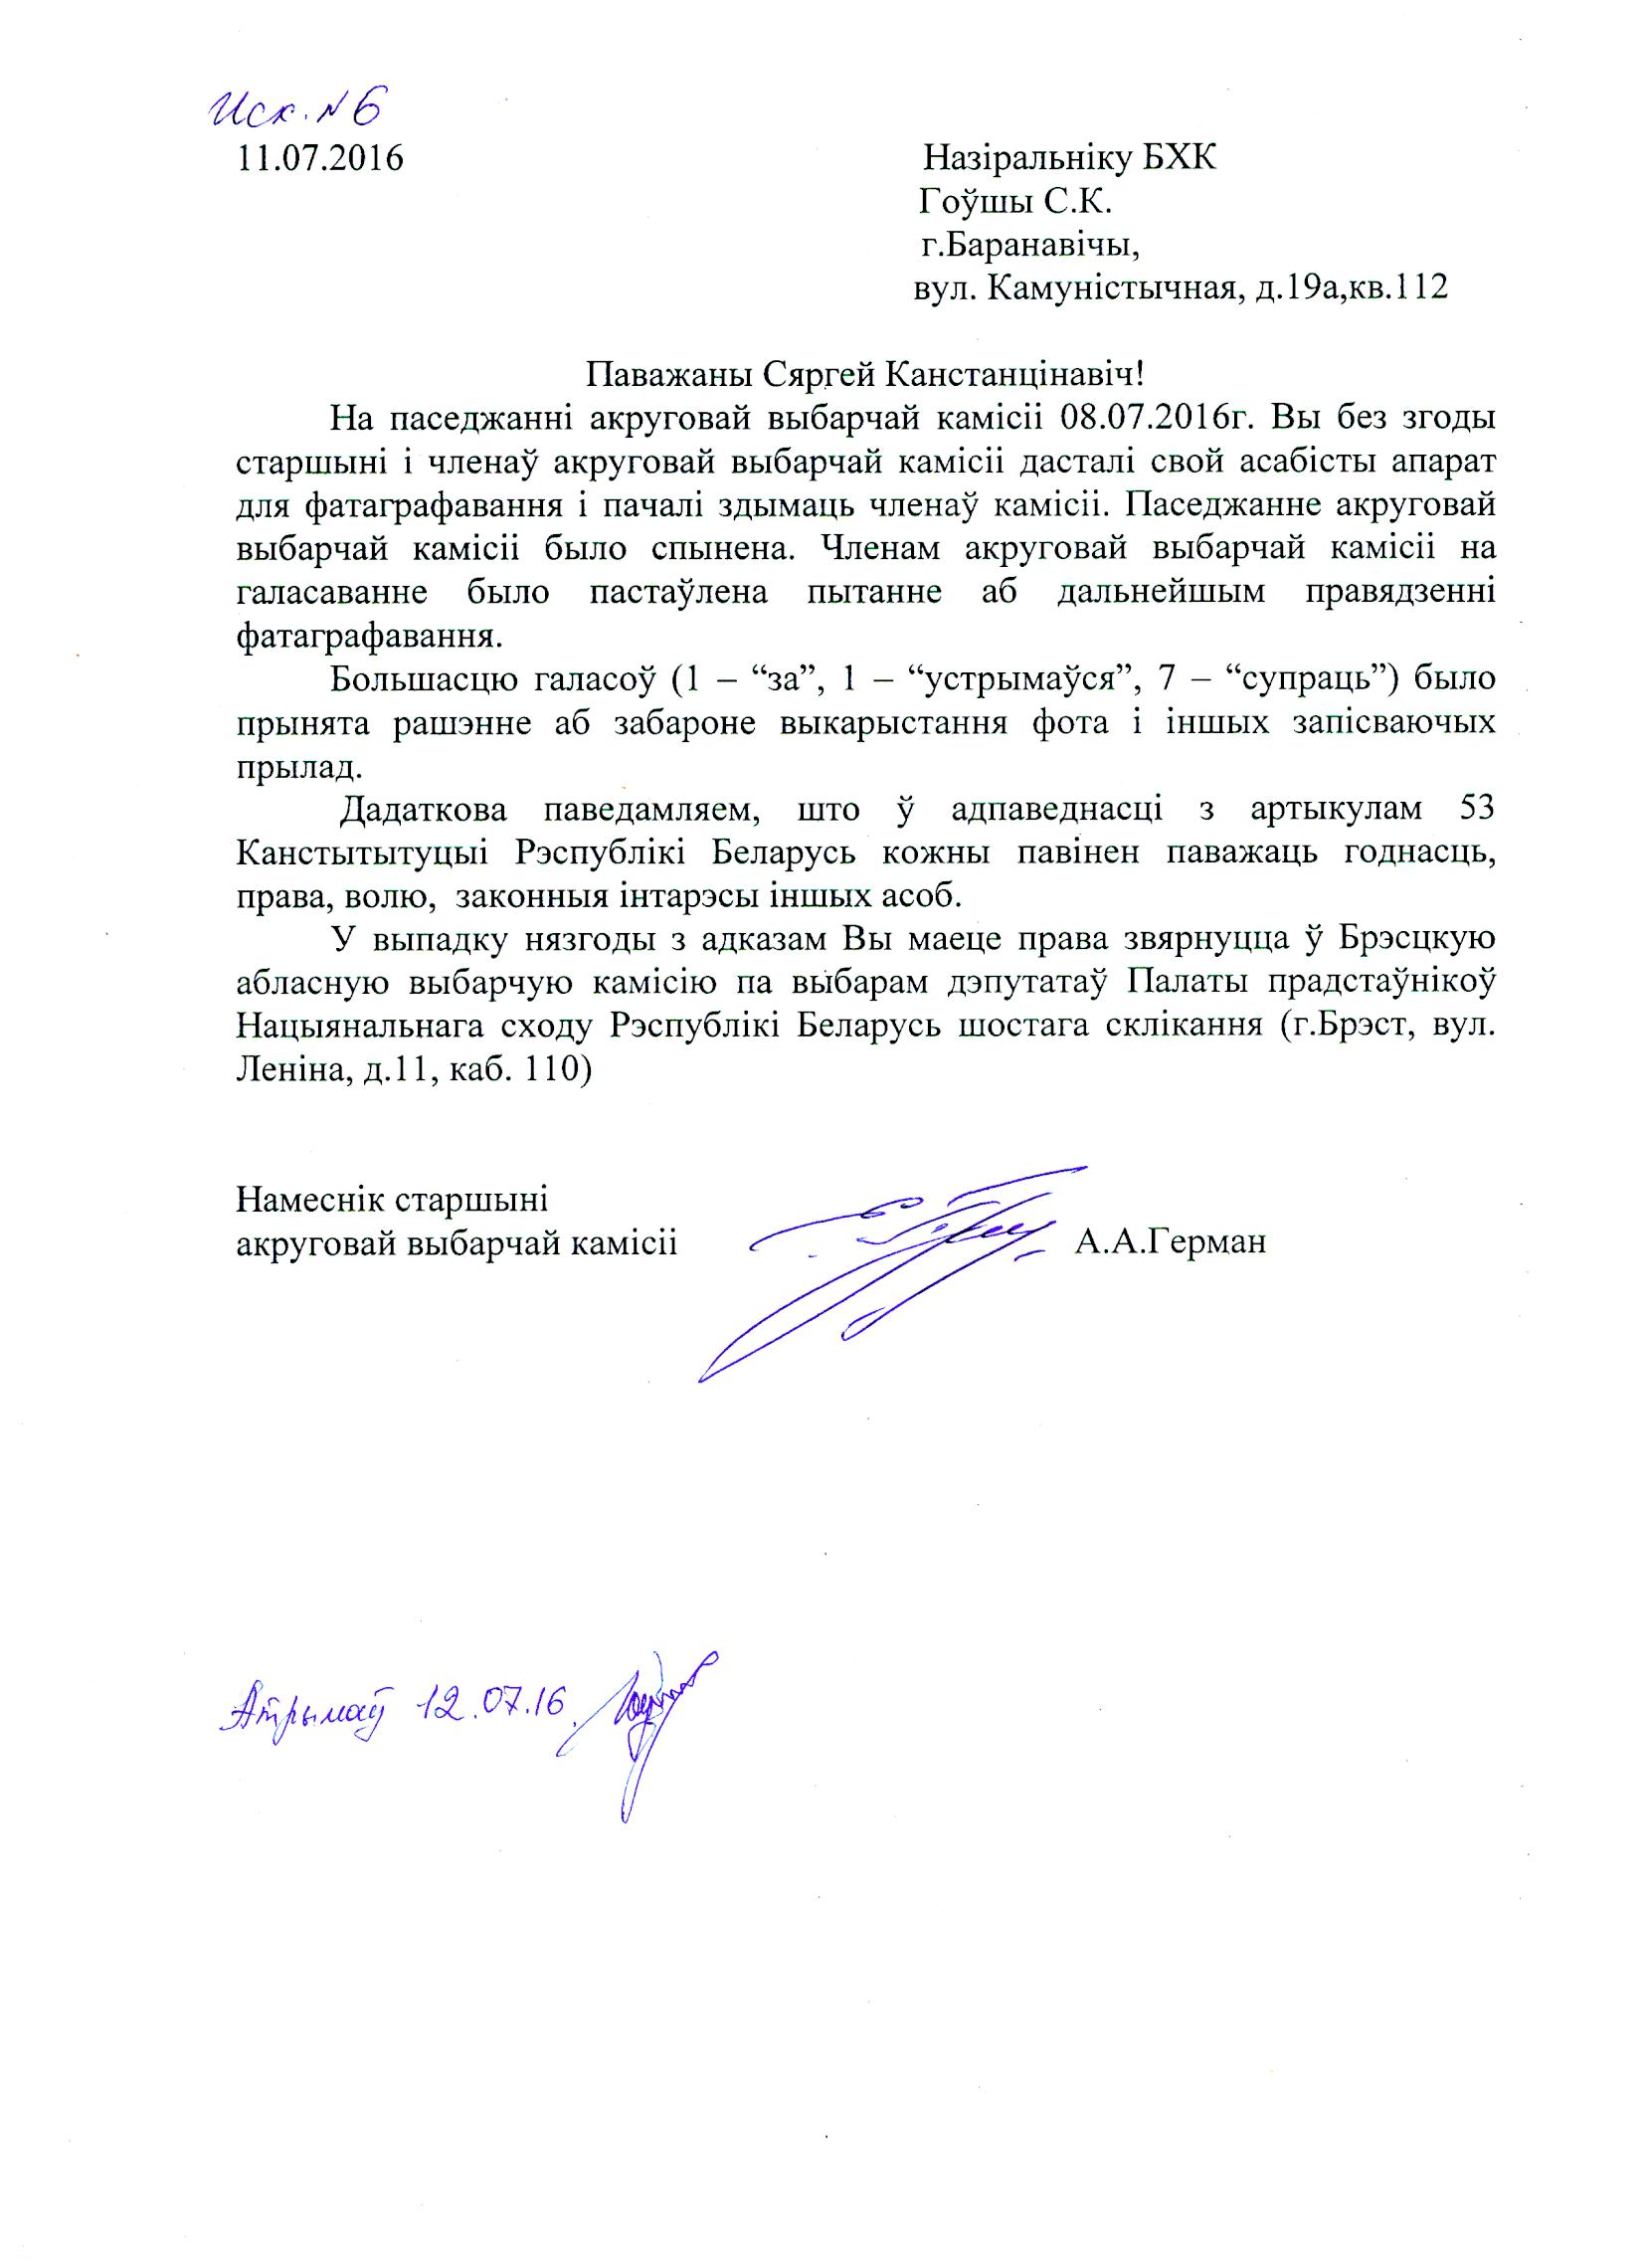 Ответ комиссии на жалобу Сергея Говши